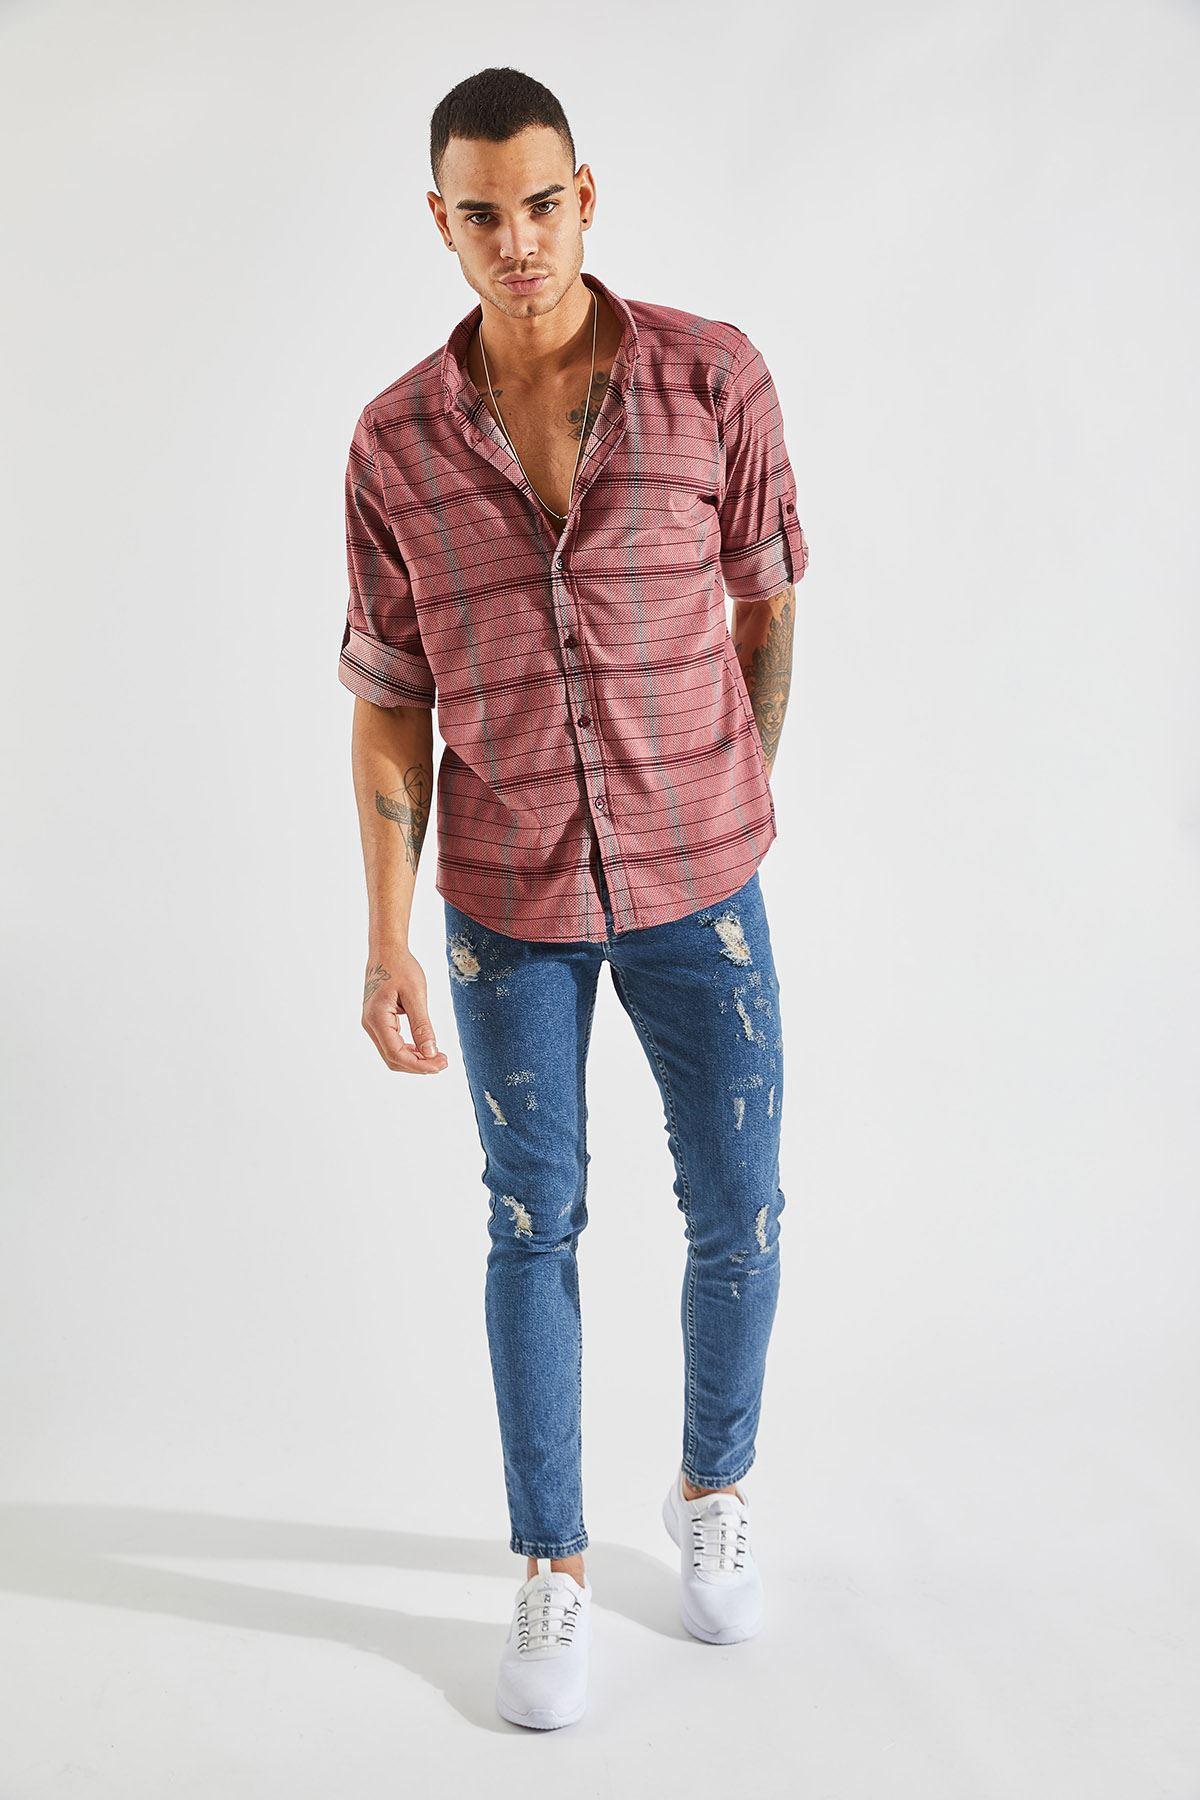 Erkek Kol Apoletli Çizgili Bordo Gömlek